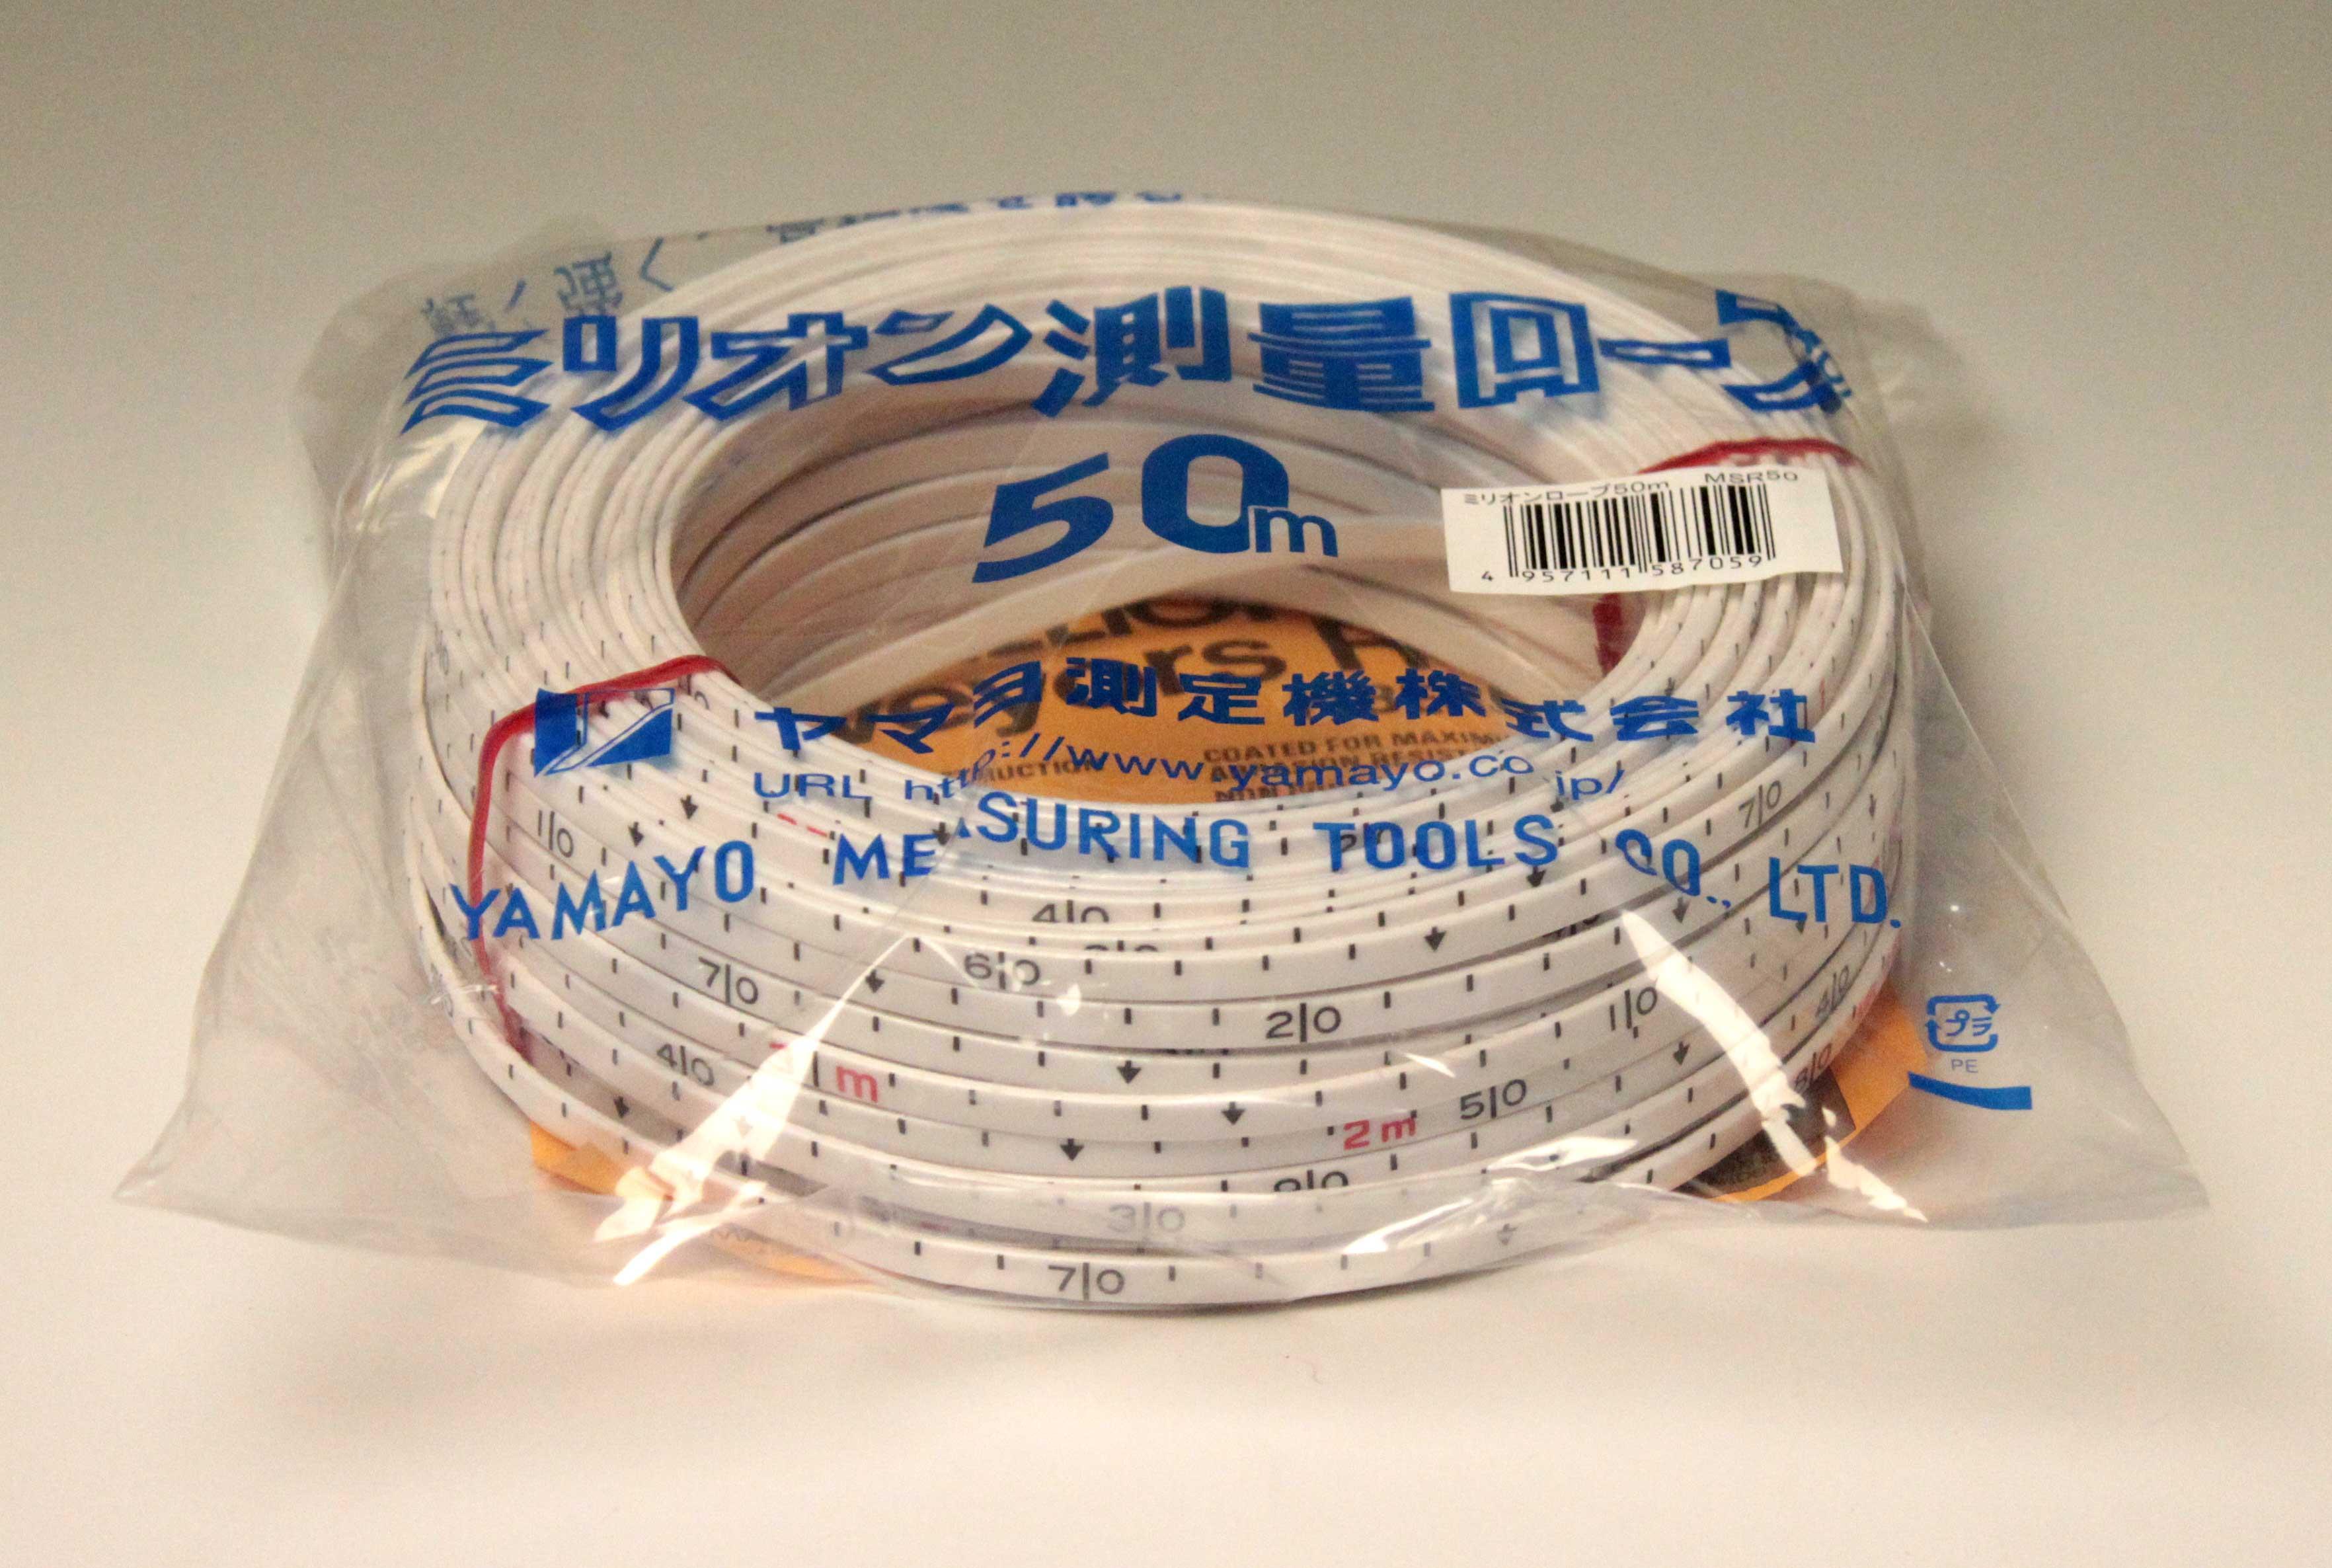 ミリオン測量ロープ50m